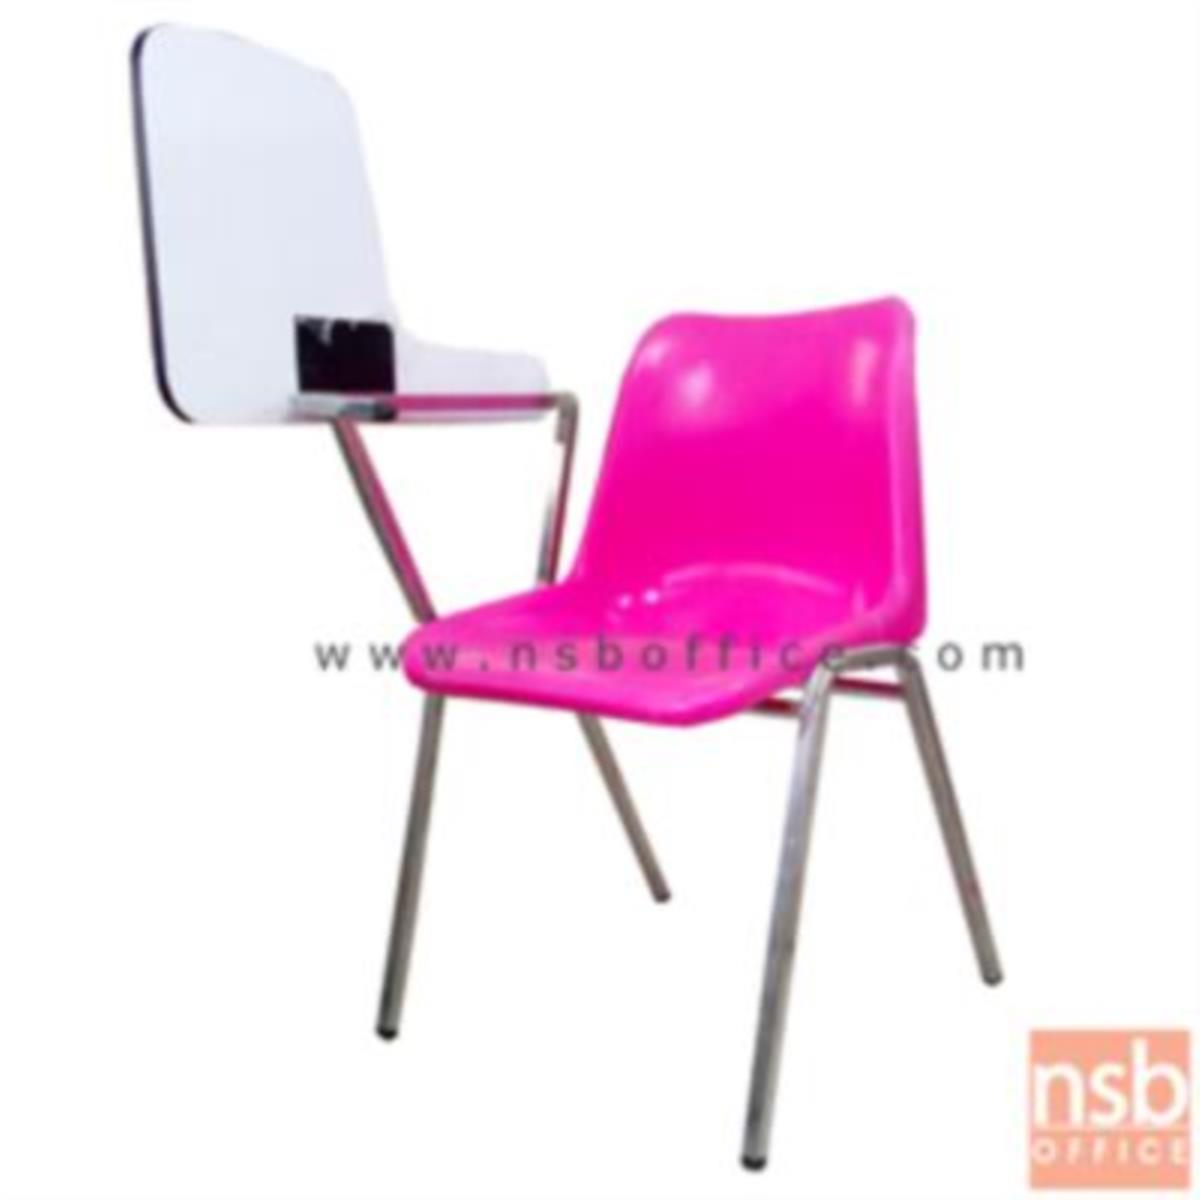 เก้าอี้เลคเชอร์เฟรมโพลี่ รุ่น C8-960 ขาเหล็กชุบโครเมี่ยม